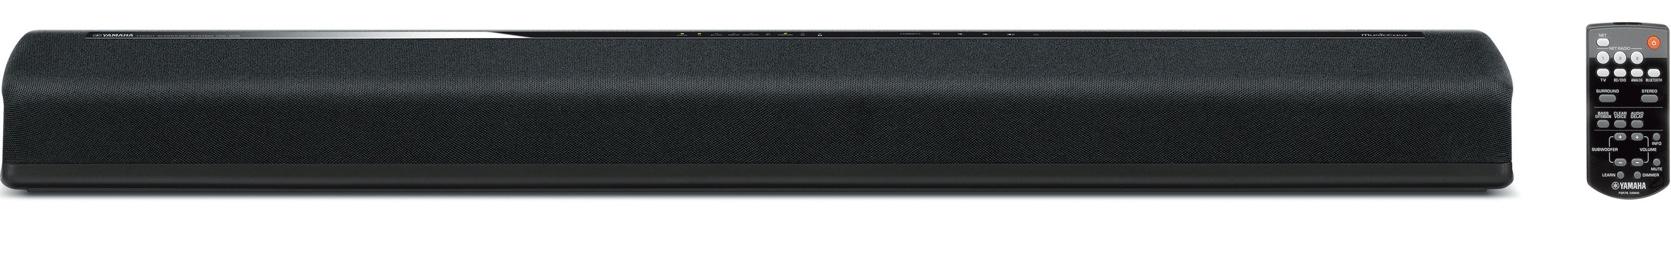 yamaha yas 306 une barre de son compacte 7 1 avec 6 haut parleurs tinynews. Black Bedroom Furniture Sets. Home Design Ideas